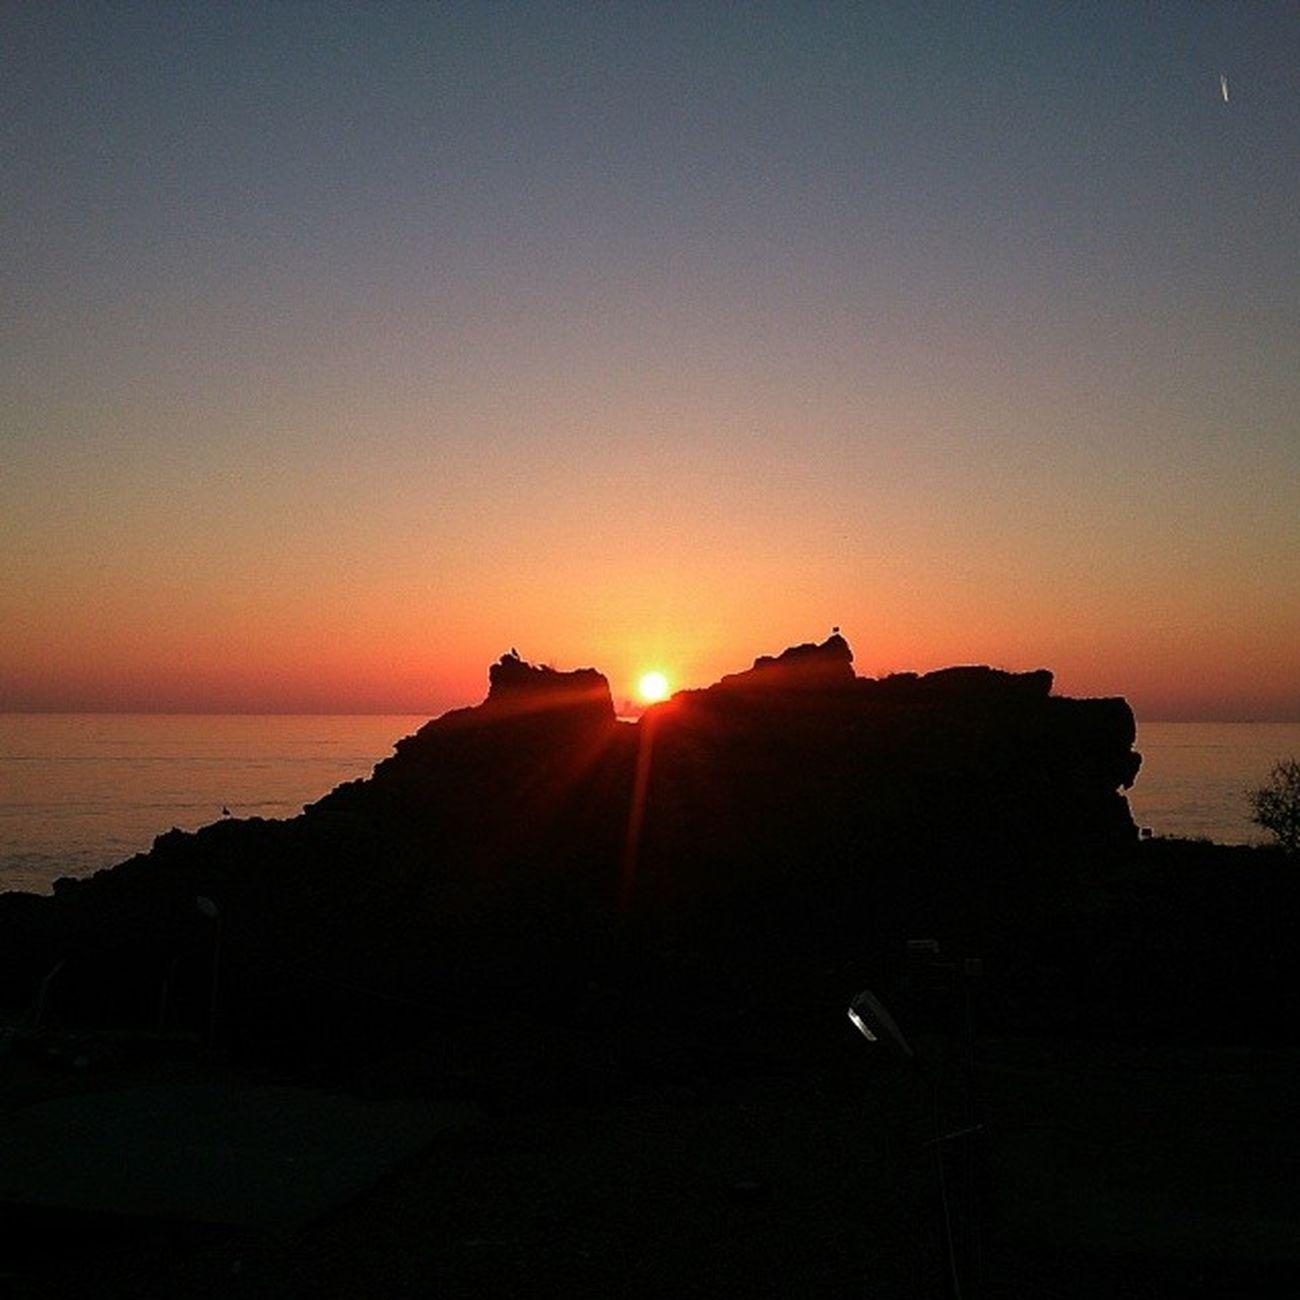 """Güneş yavaş yavaş terk ederken bizi, """"Yine gelicem"""" der gibiydi... En sevdiklerimiz değil miydi giderken """"bekle"""" diyen... Sözünü tek tutan güneş tanıdıklarım arasında..."""